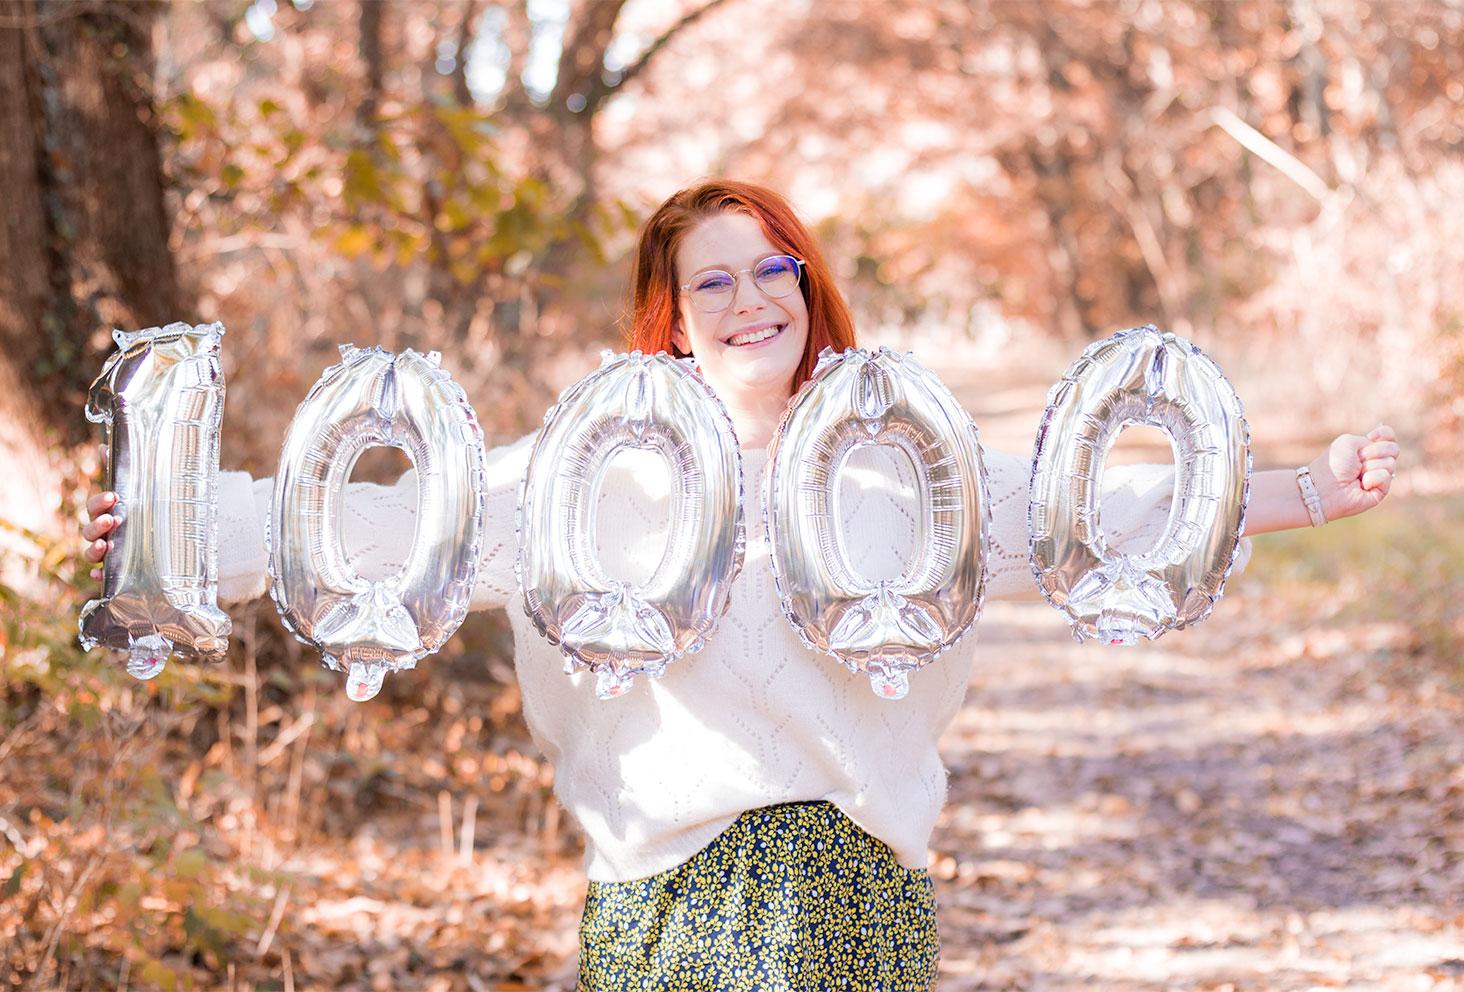 Les ballons argentés dans les bras au milieu de la forêt pour les 10000 abonnés